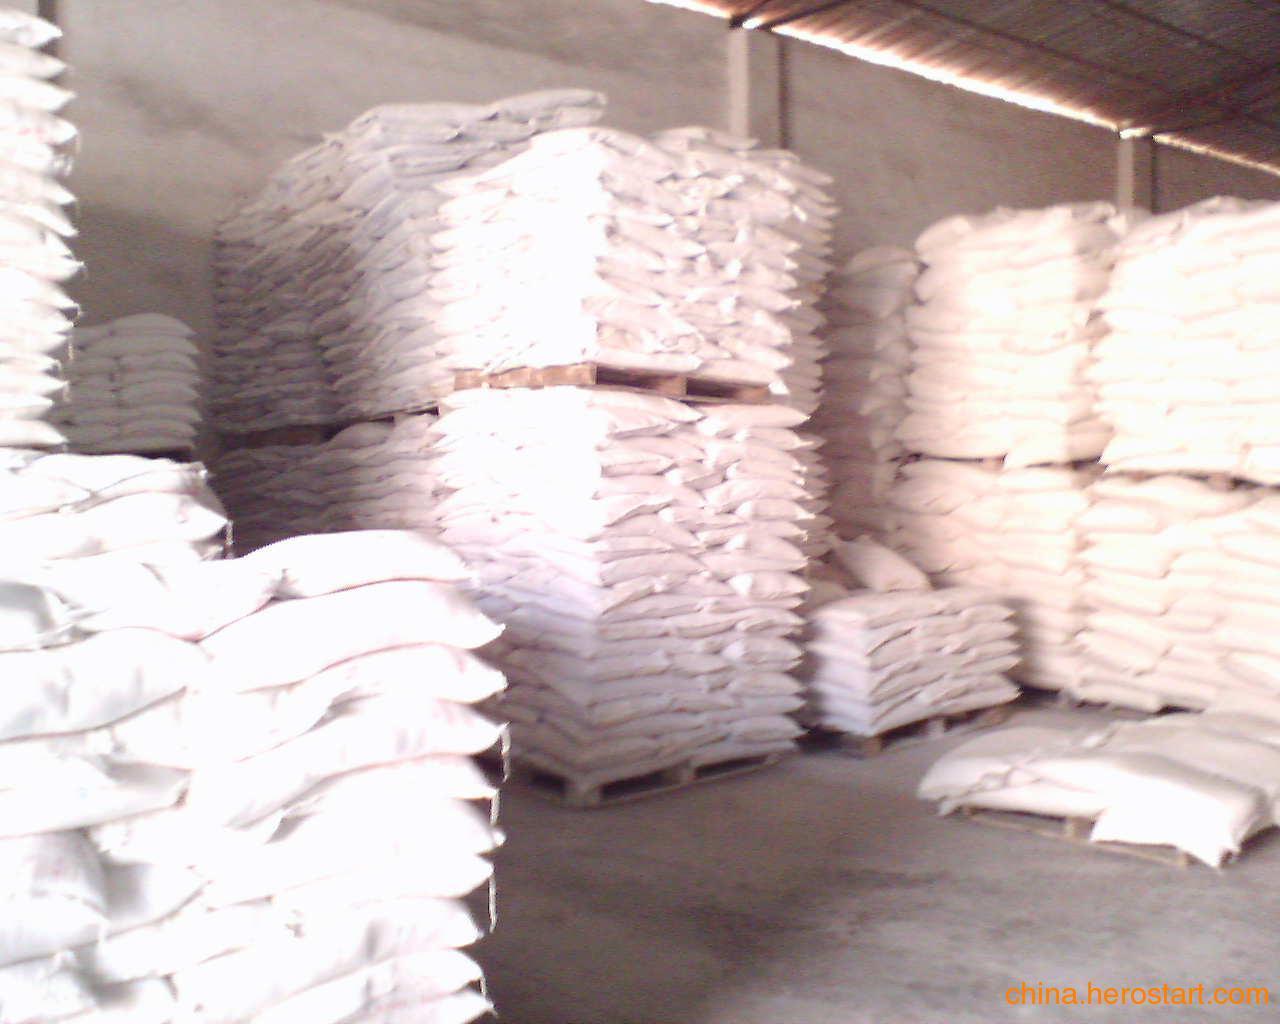 供应乳胶制品专用高瑞轻质碳酸钙(厂家直销)